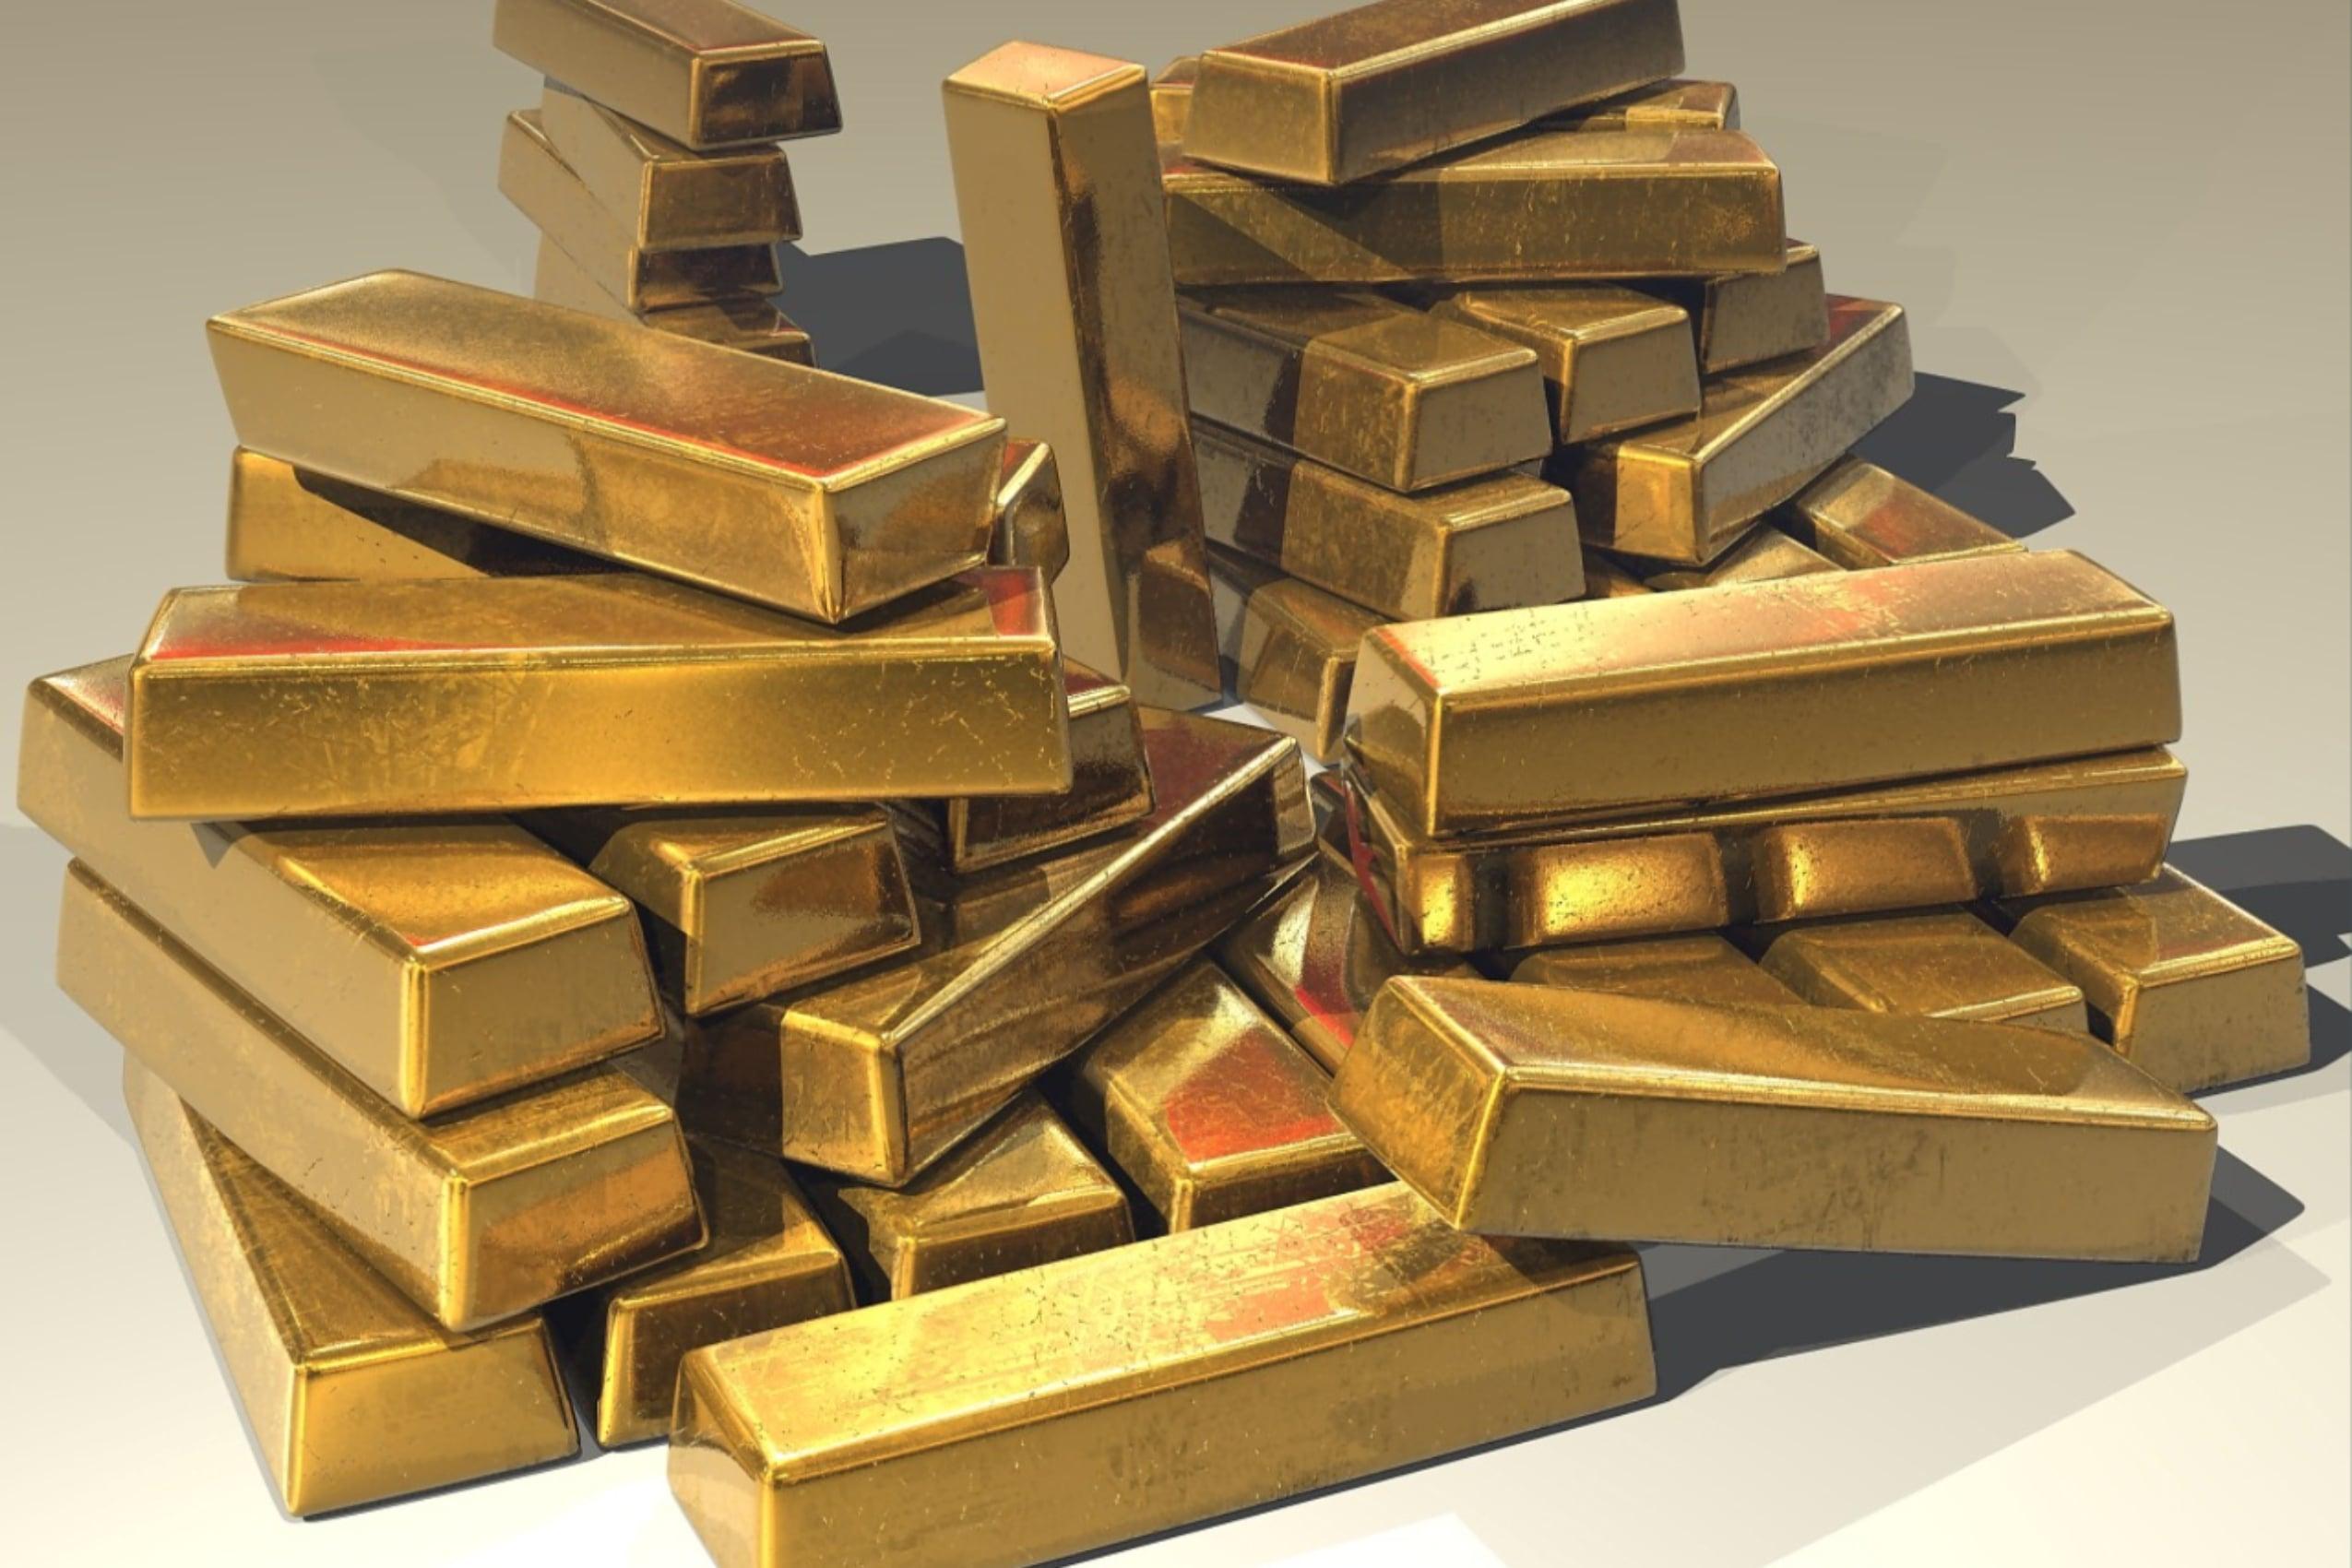 4 Cara Investasi Emas 1 Gram, Bisa Jadi Bisnis Terbaik 2020 Lho